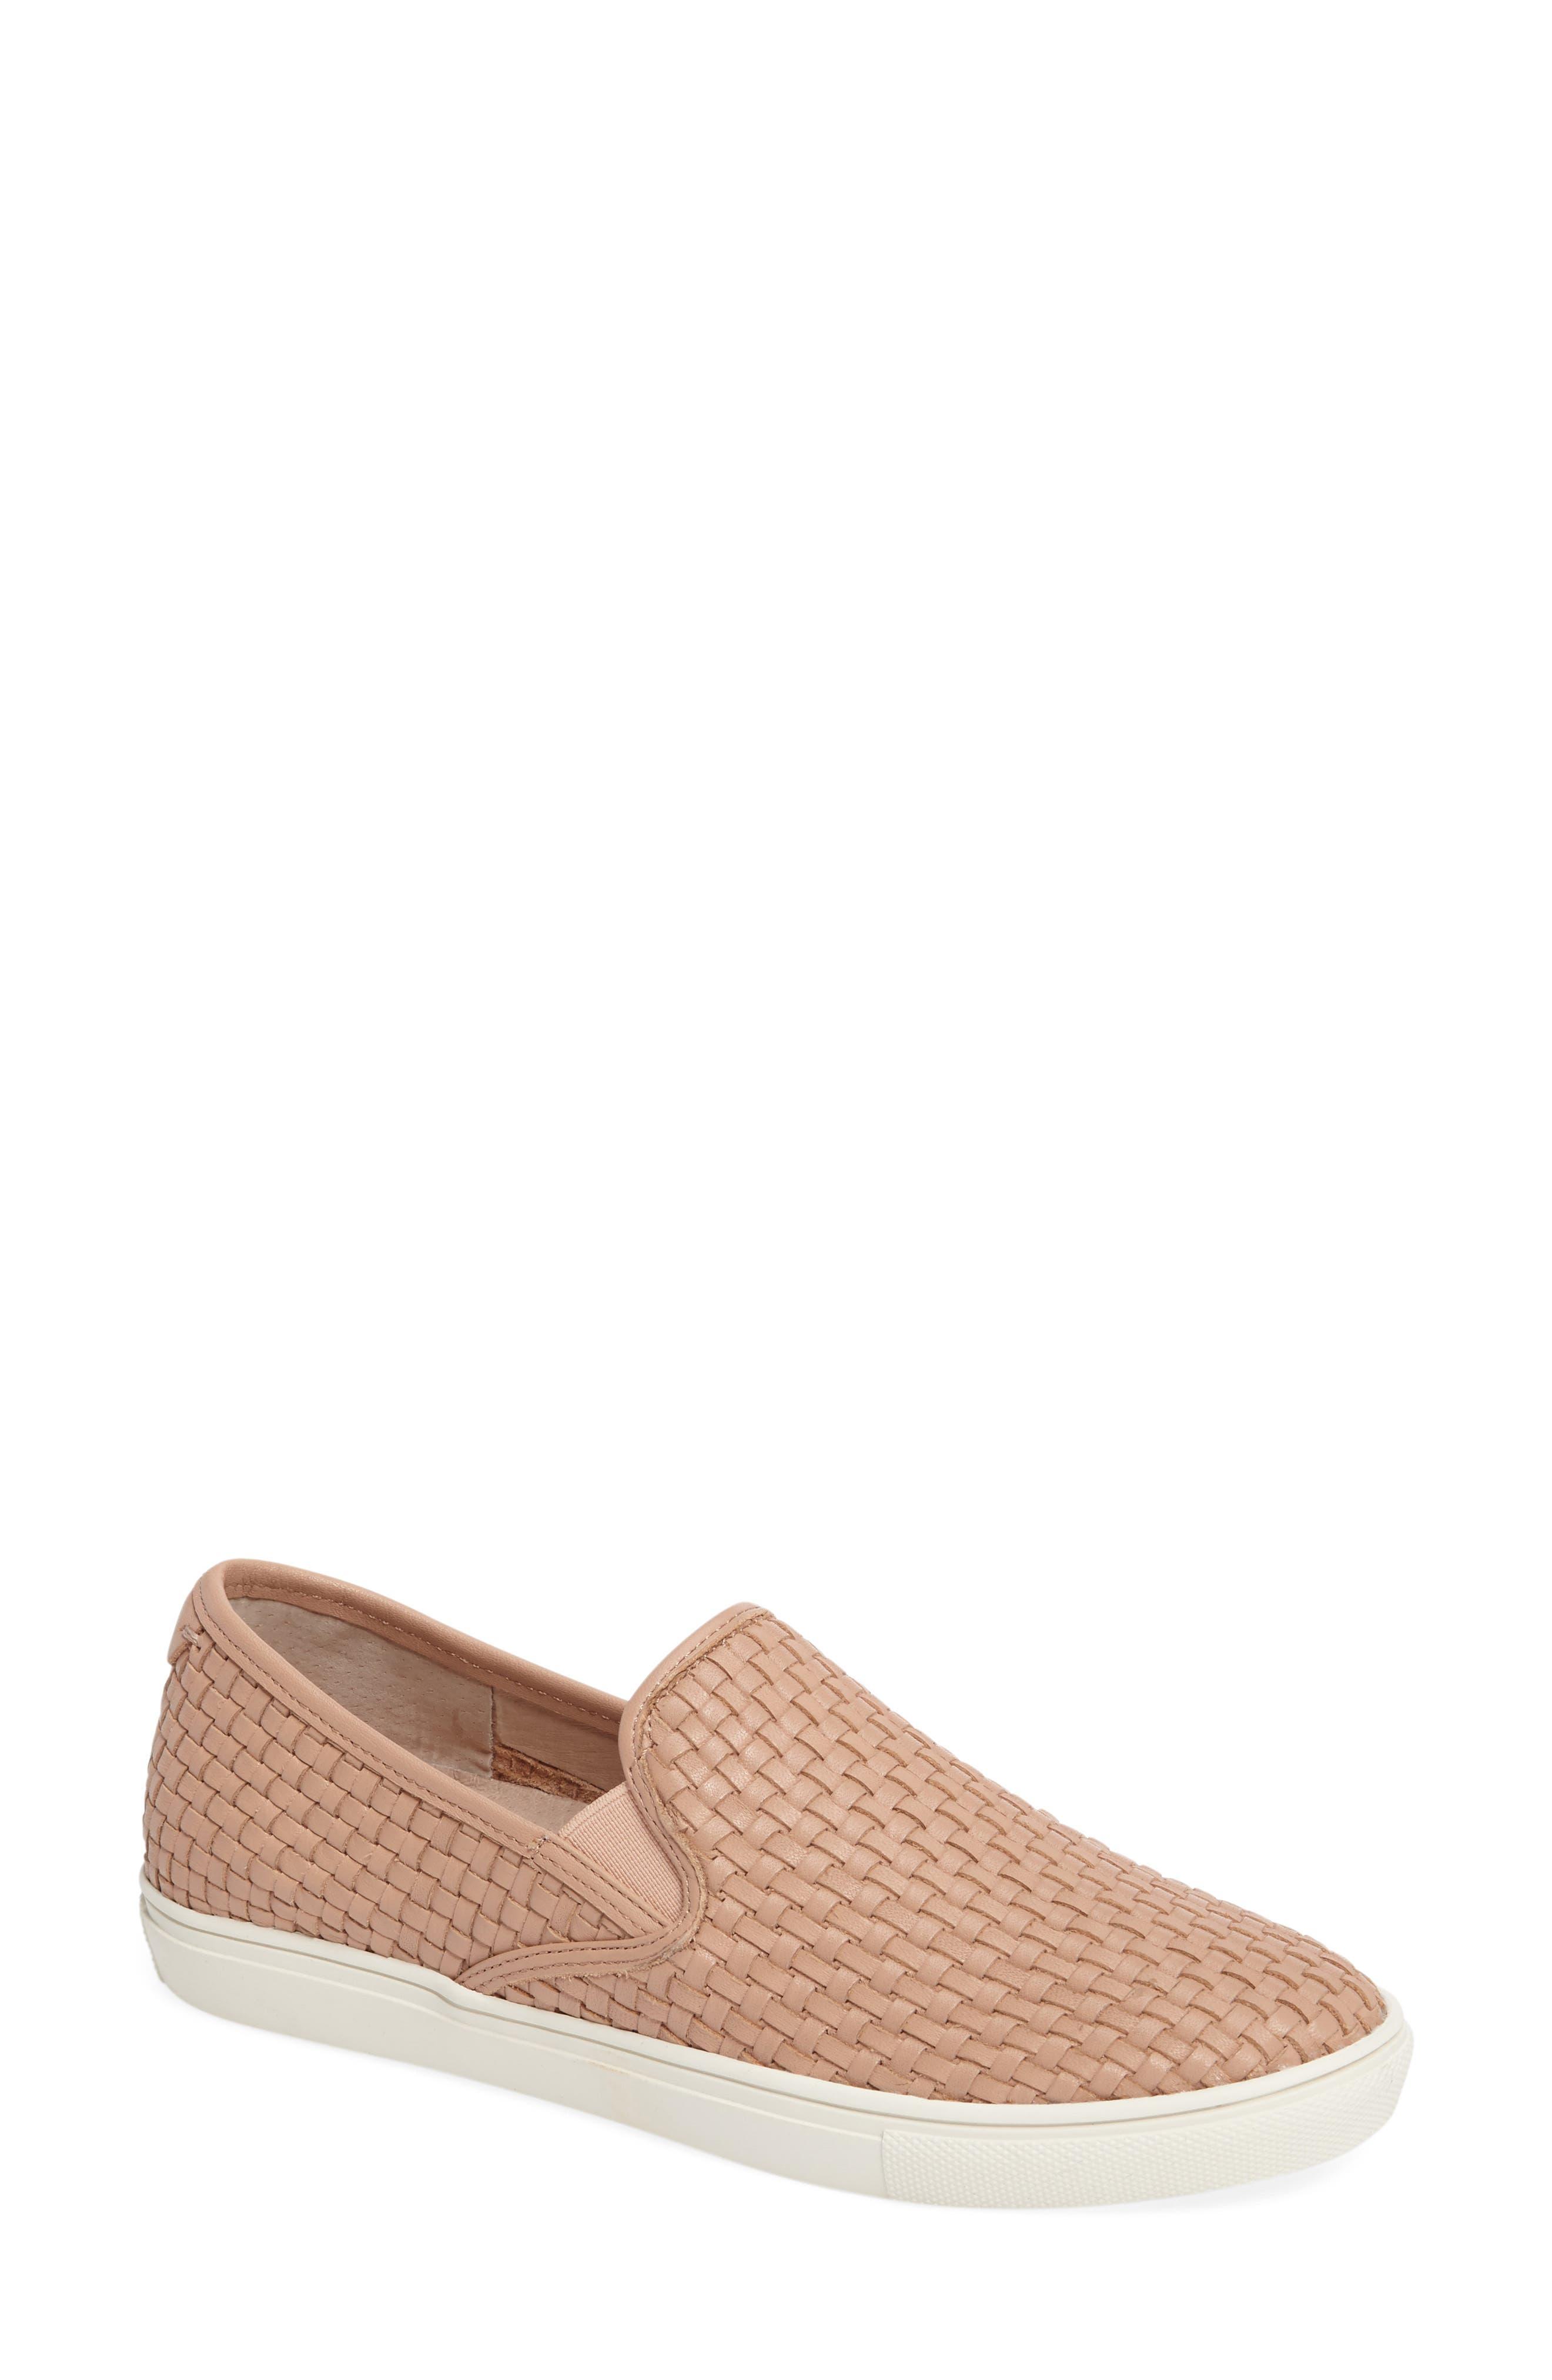 JSlides 'Calina' Slip-On Sneaker (Women)